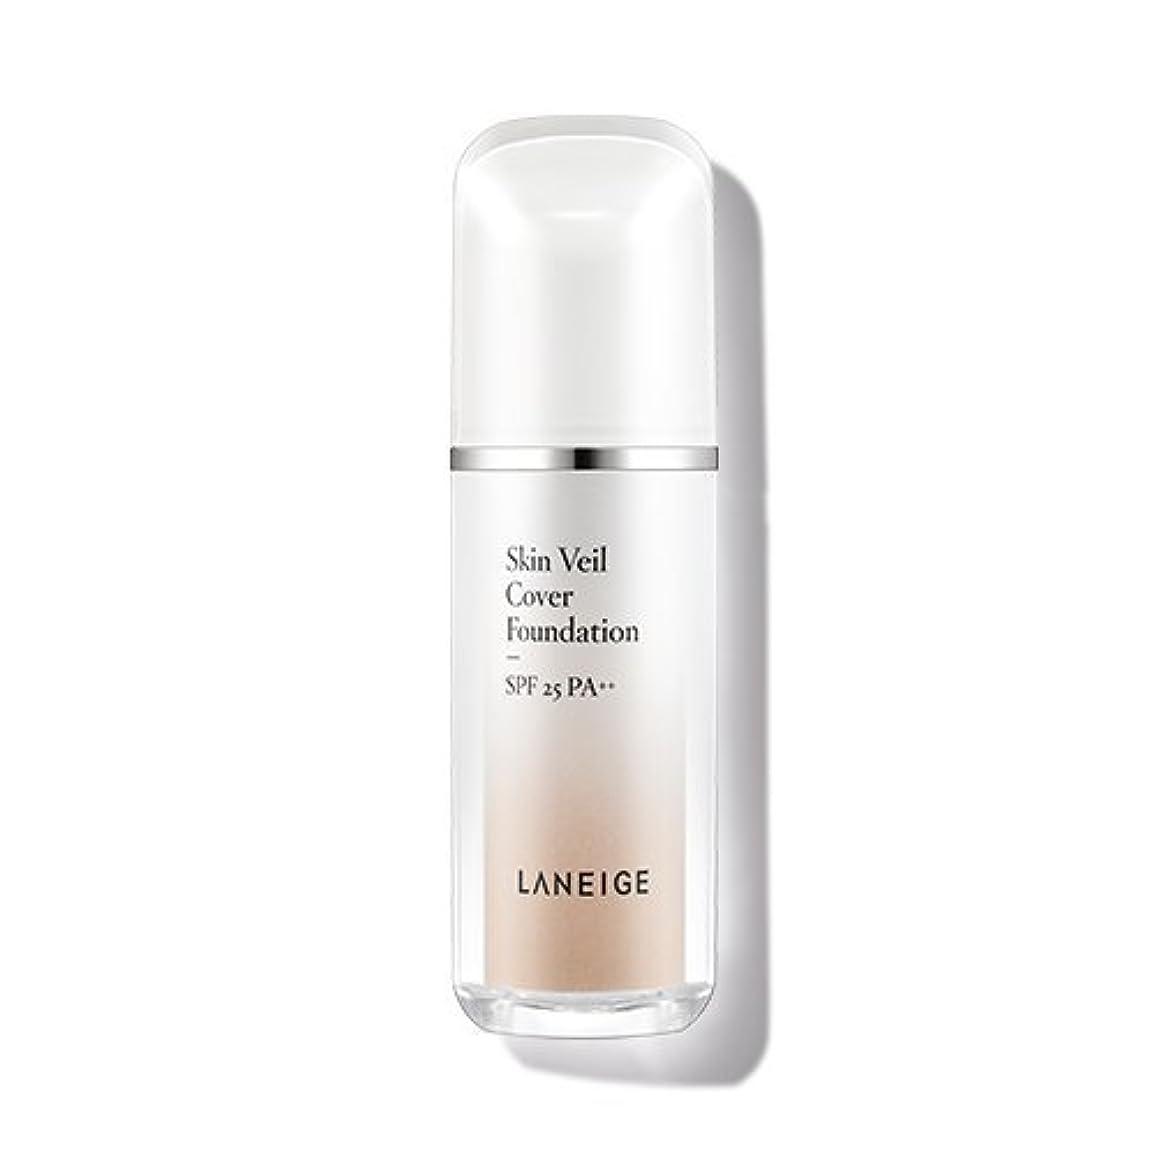 気味の悪いカフェくぼみラネージュ(LANEIGE) スキンベールカバー?ファンデーション Skin Veil Cover Foundation 30ml (No.13 Ivory)